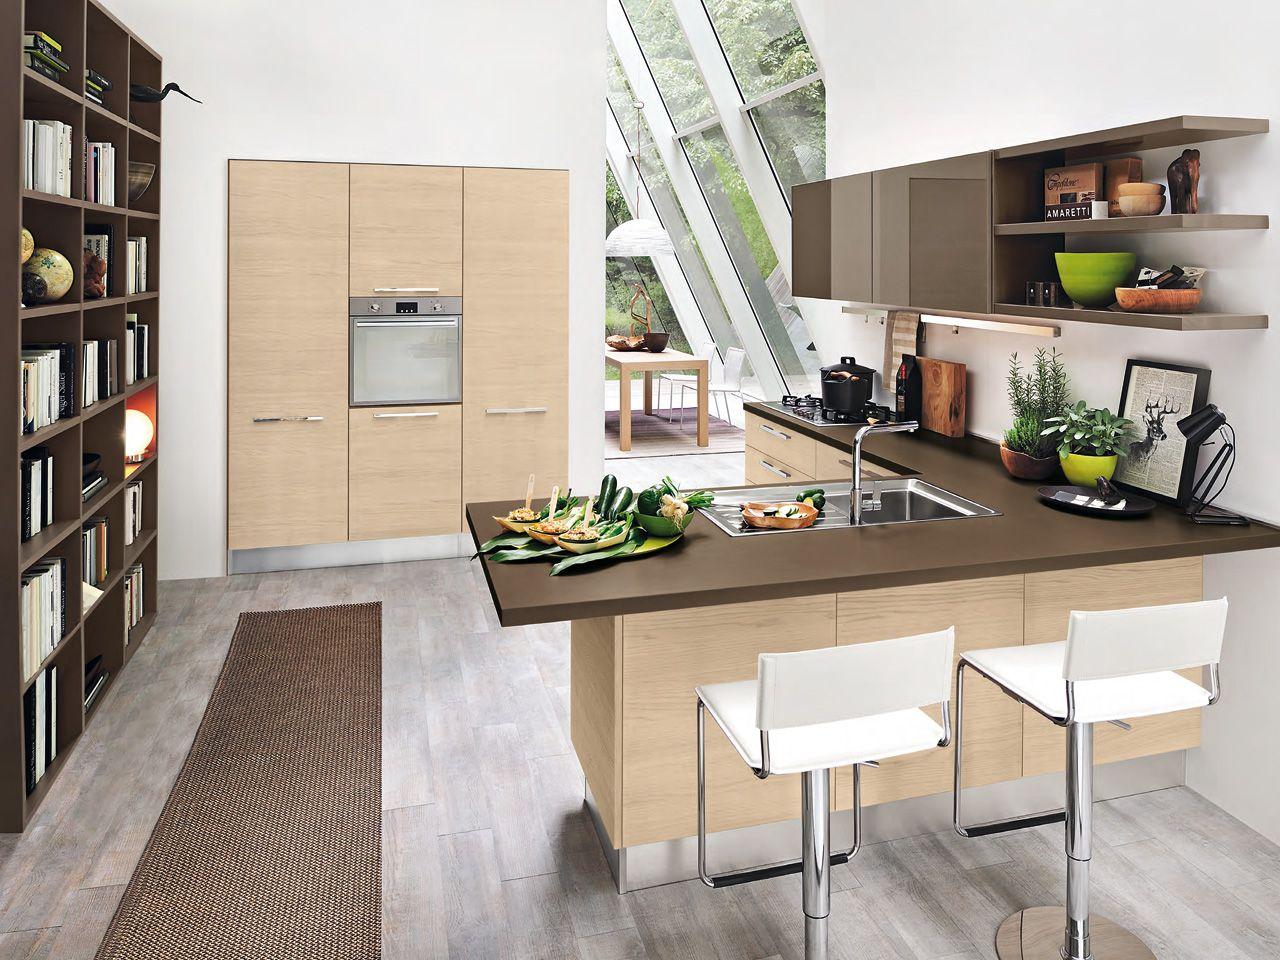 PAMELA - Cucina Lube Moderna   PAMELA / Cucine Lube Moderne ...